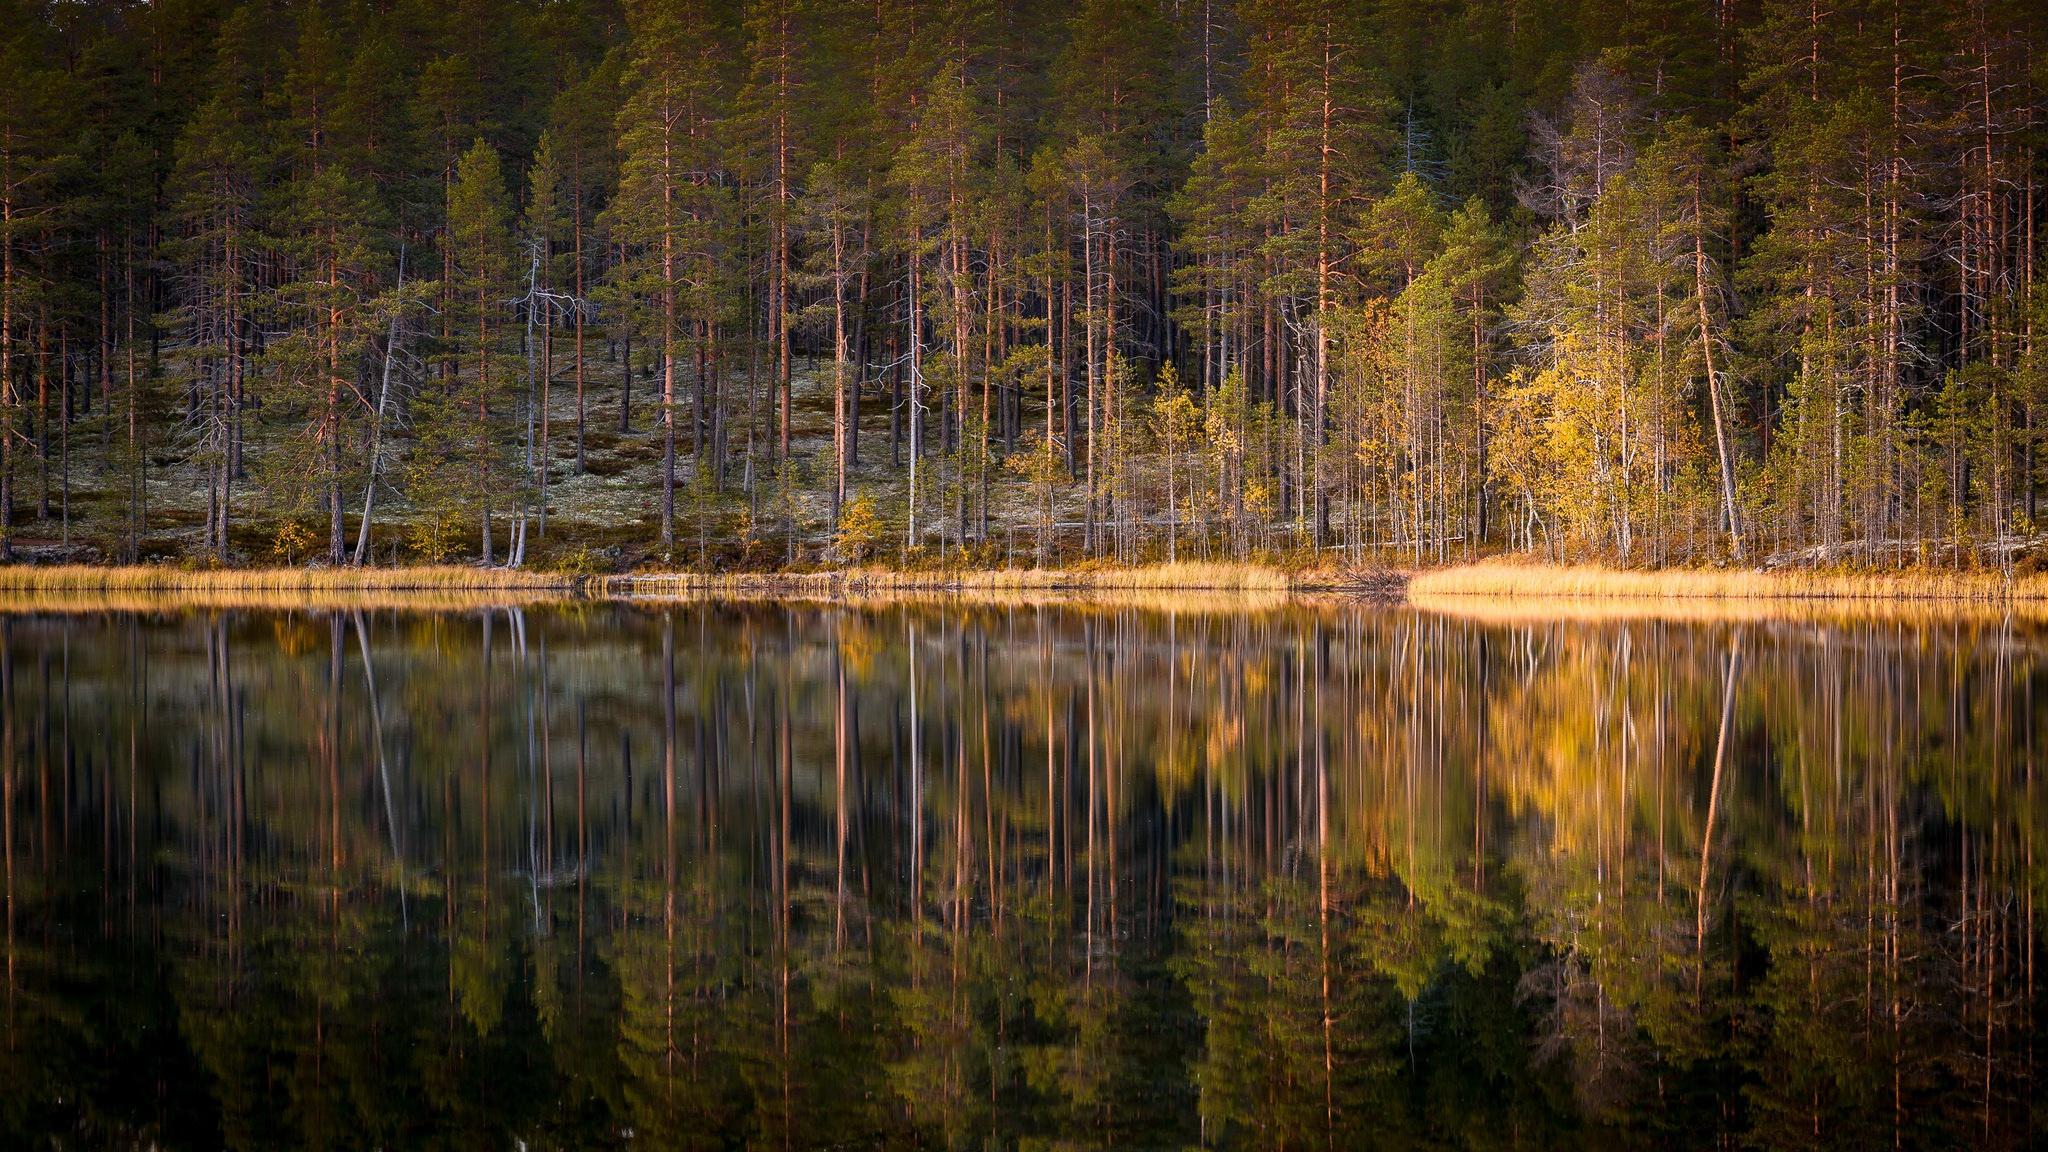 Lake Nature Reflection 2048x1152